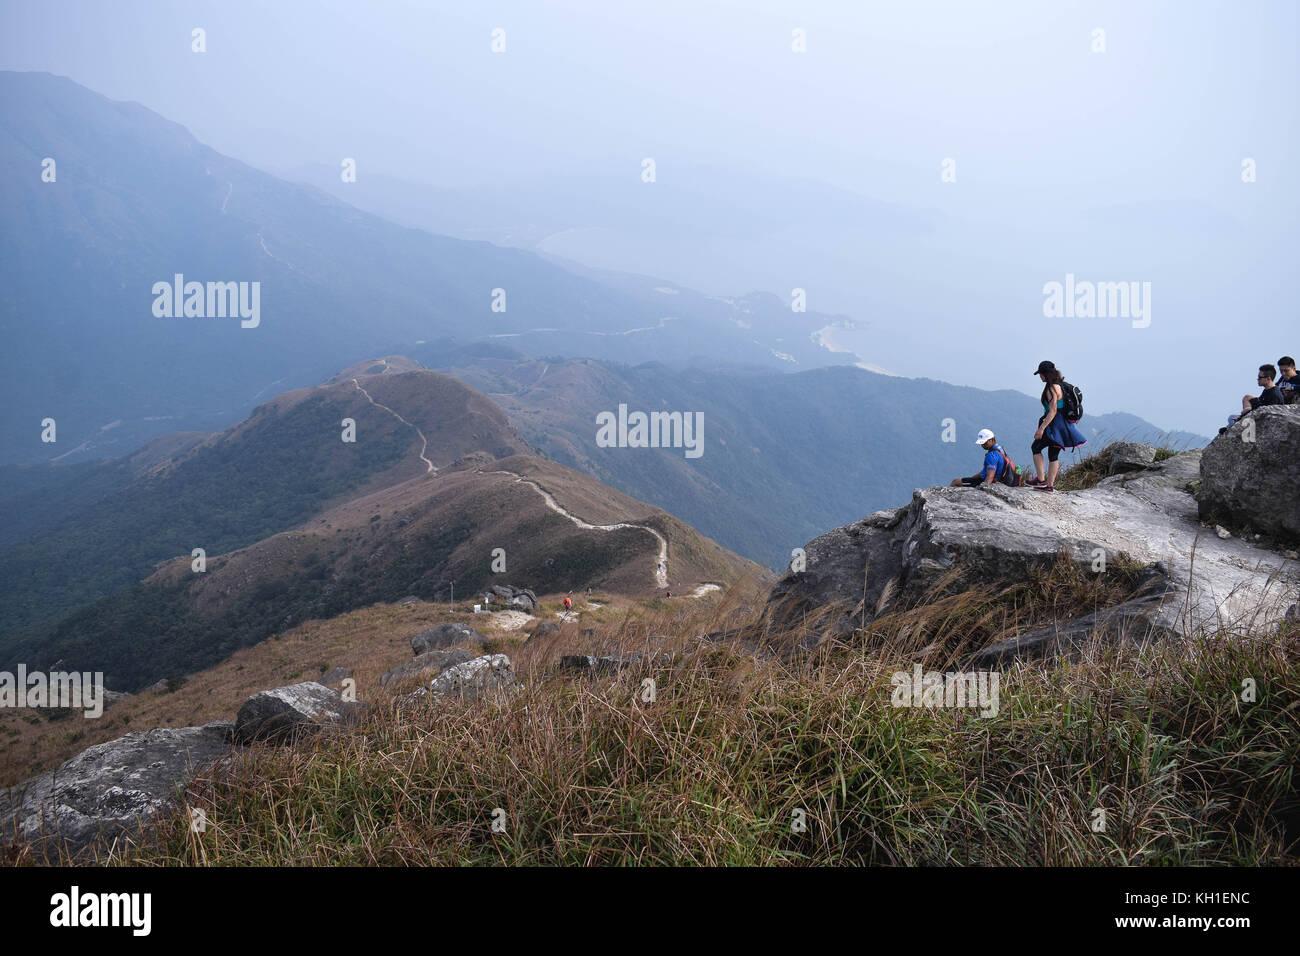 View from Lantau Peak Hong Kong - Stock Image